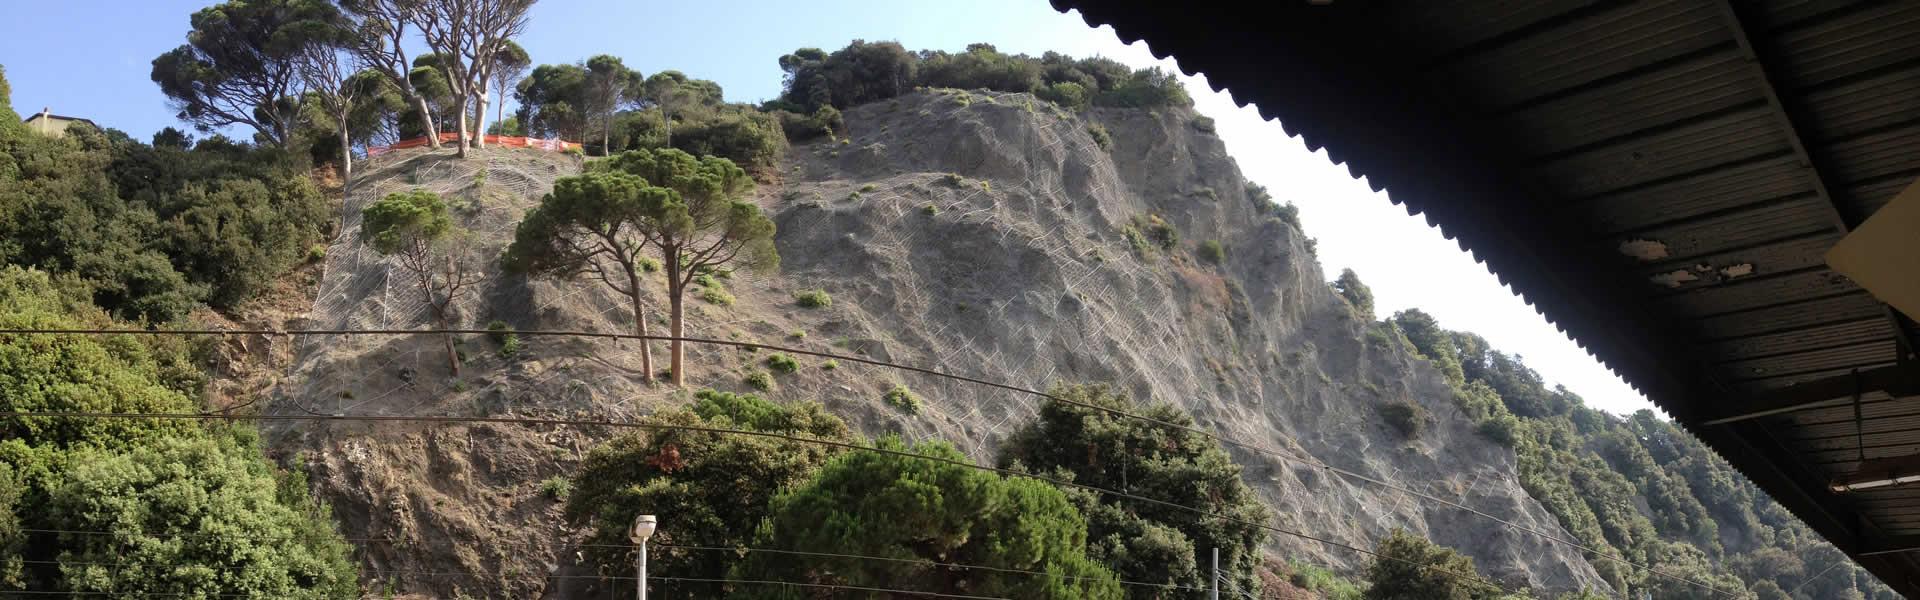 Monterosso Cinque Terre Consolidamento versante